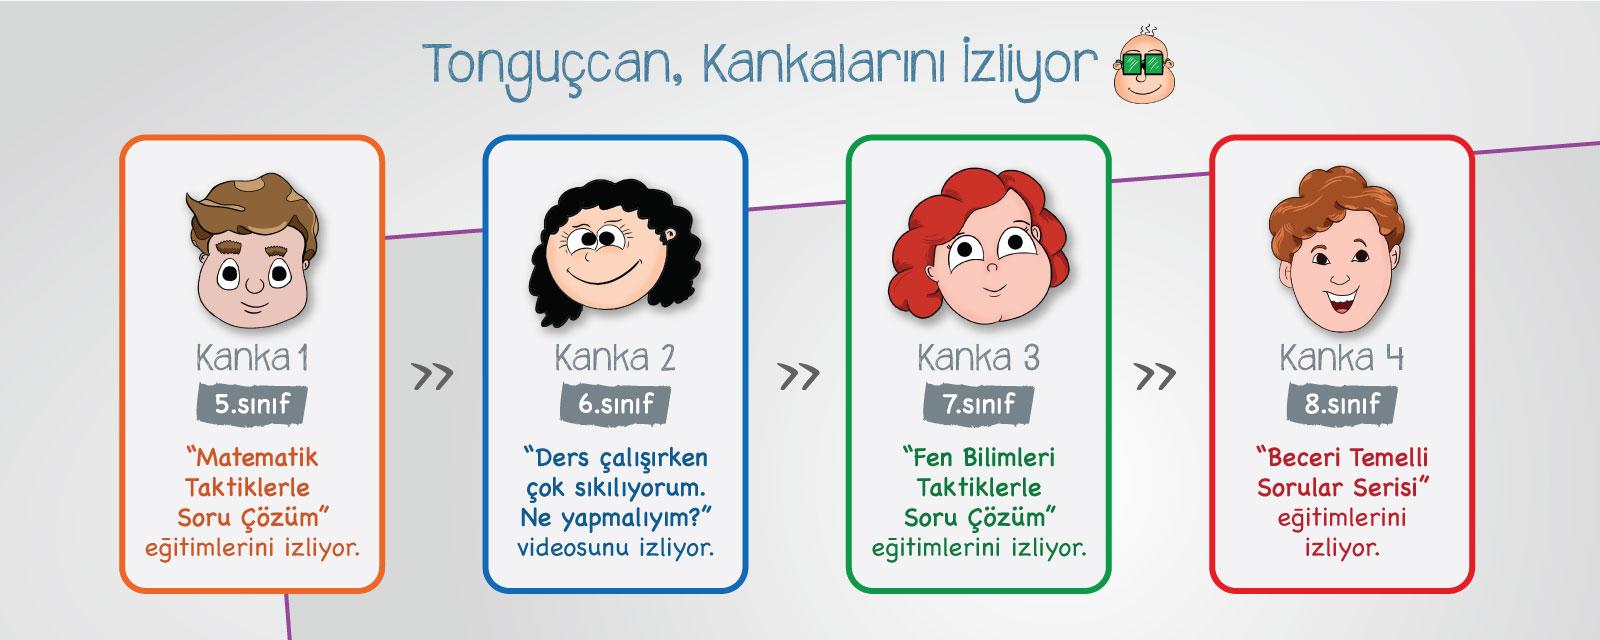 Tonguccan ve Arkadaşları